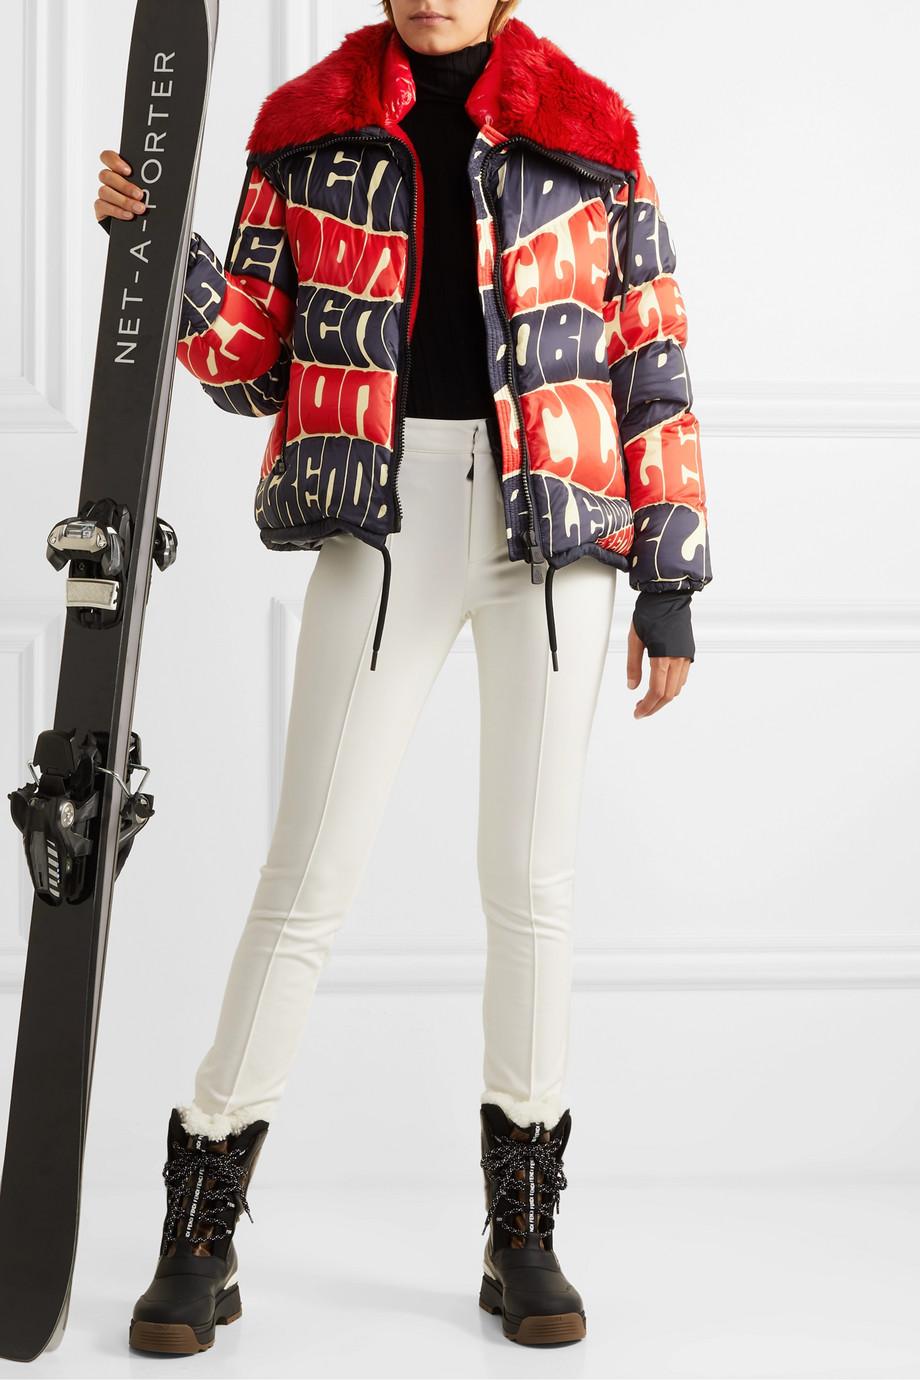 Moncler Grenoble Plaret faux fur-trimmed printed down ski jacket